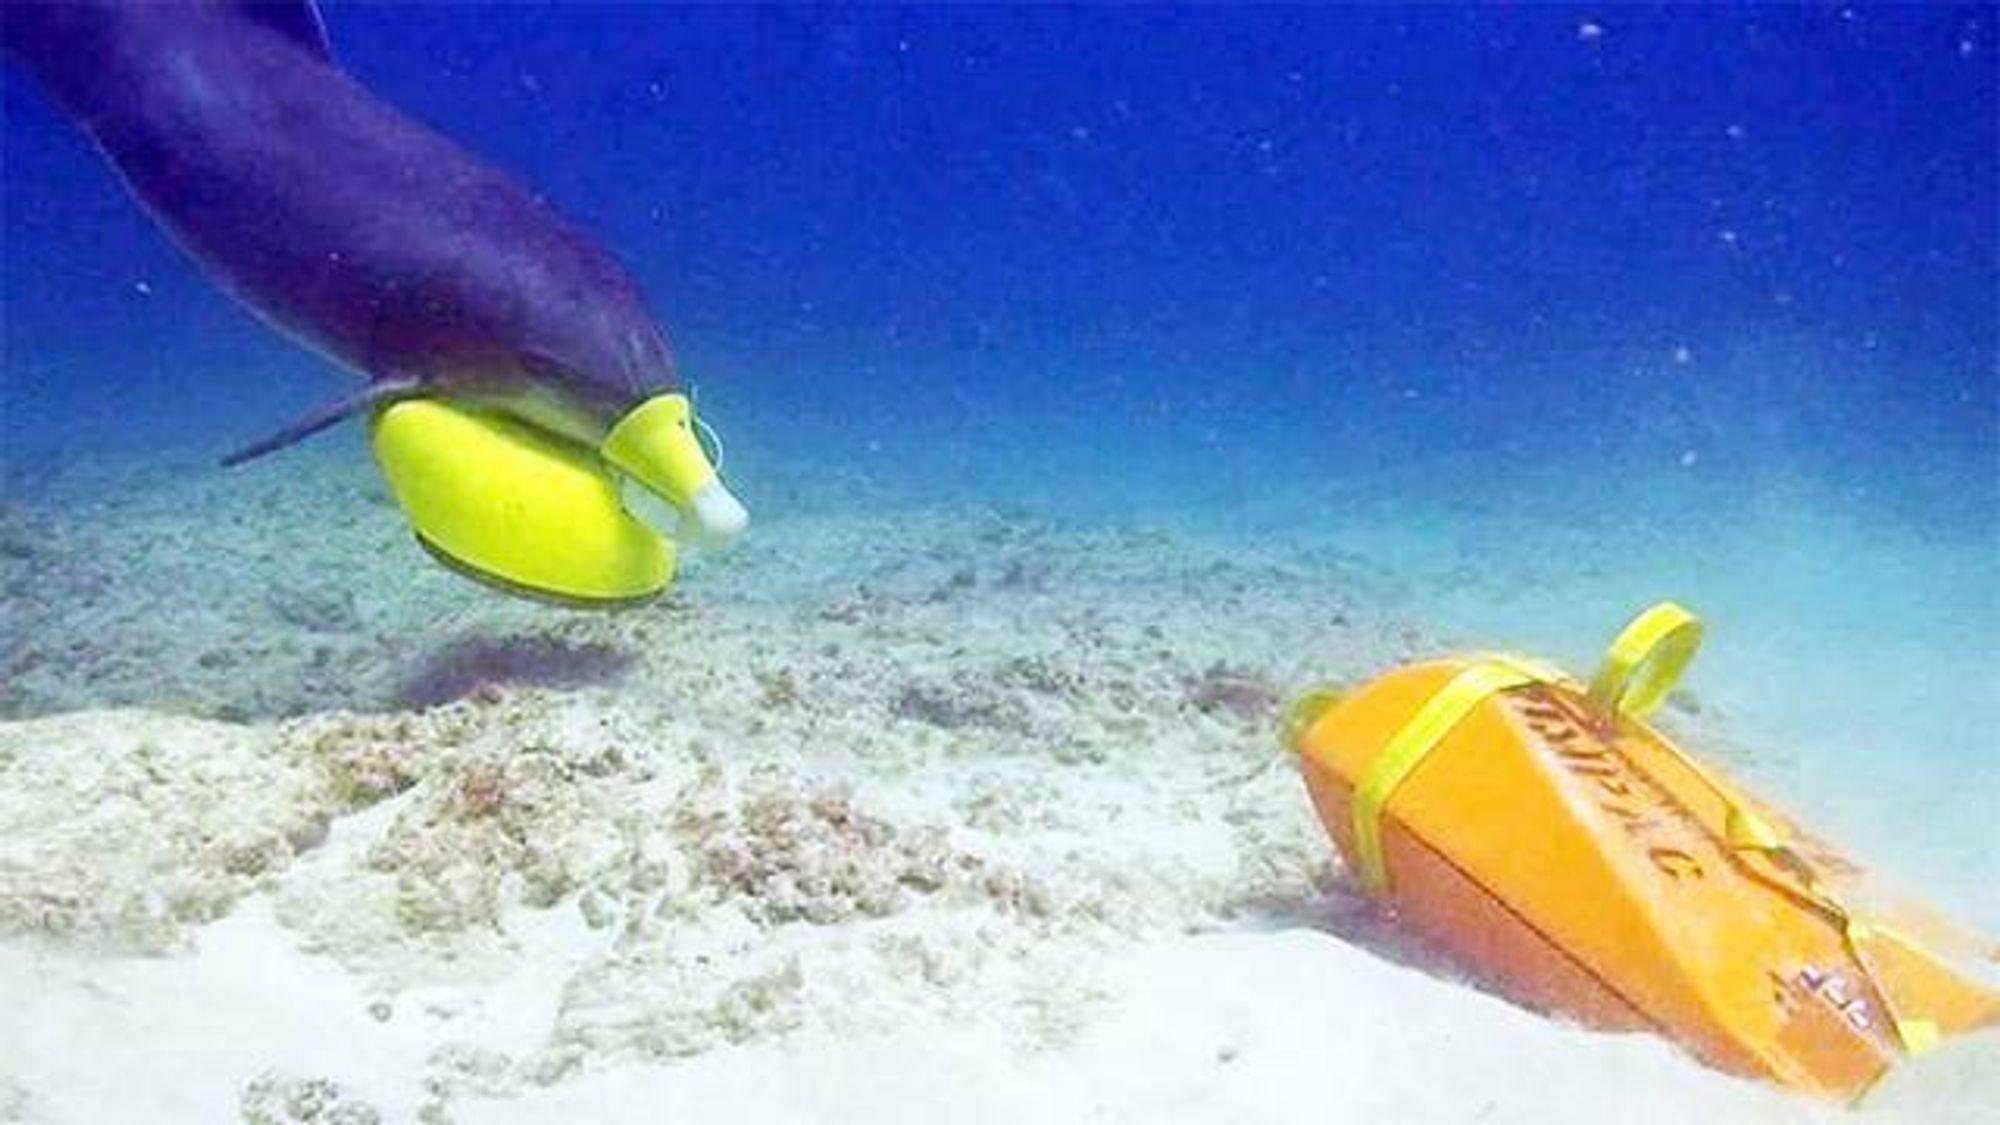 En delfin søker etter en treningsmine. De dykker ned og plasserer en markør ved siden av minen, og så flyter bøyen opp til overflaten, slik at dykkere kan bekrefte trusselen.